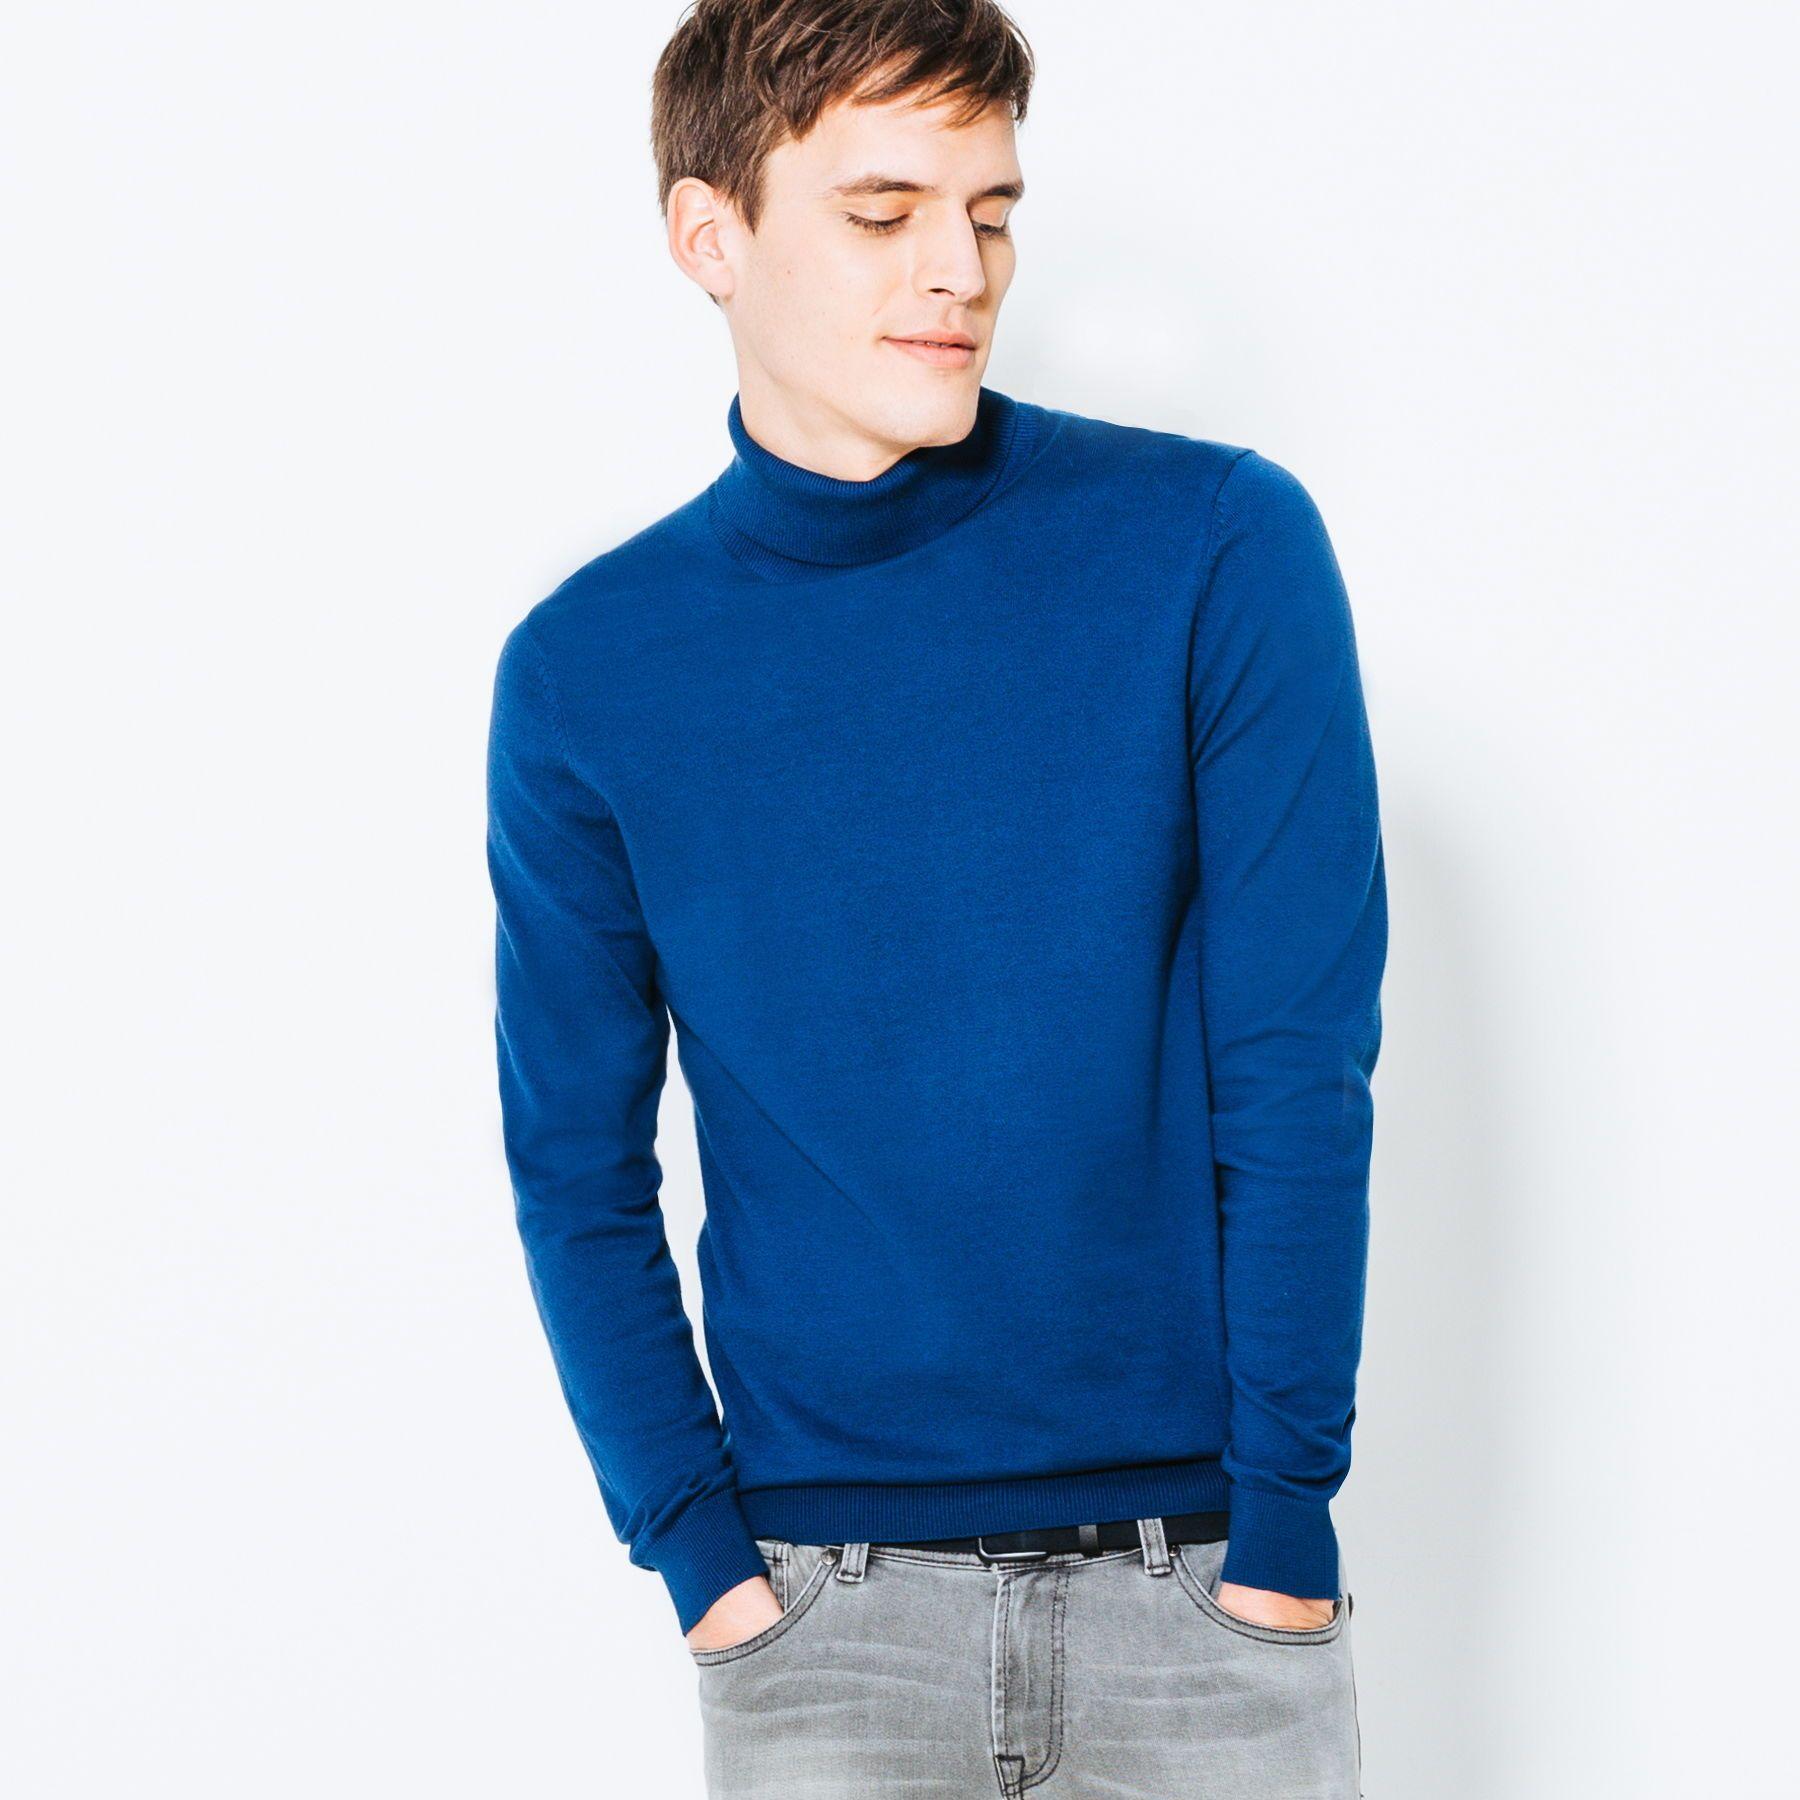 Pull col roulé basic - Vêtement Homme - Bleu   LE BLEU   Turtle neck ... fb87e50b3f7